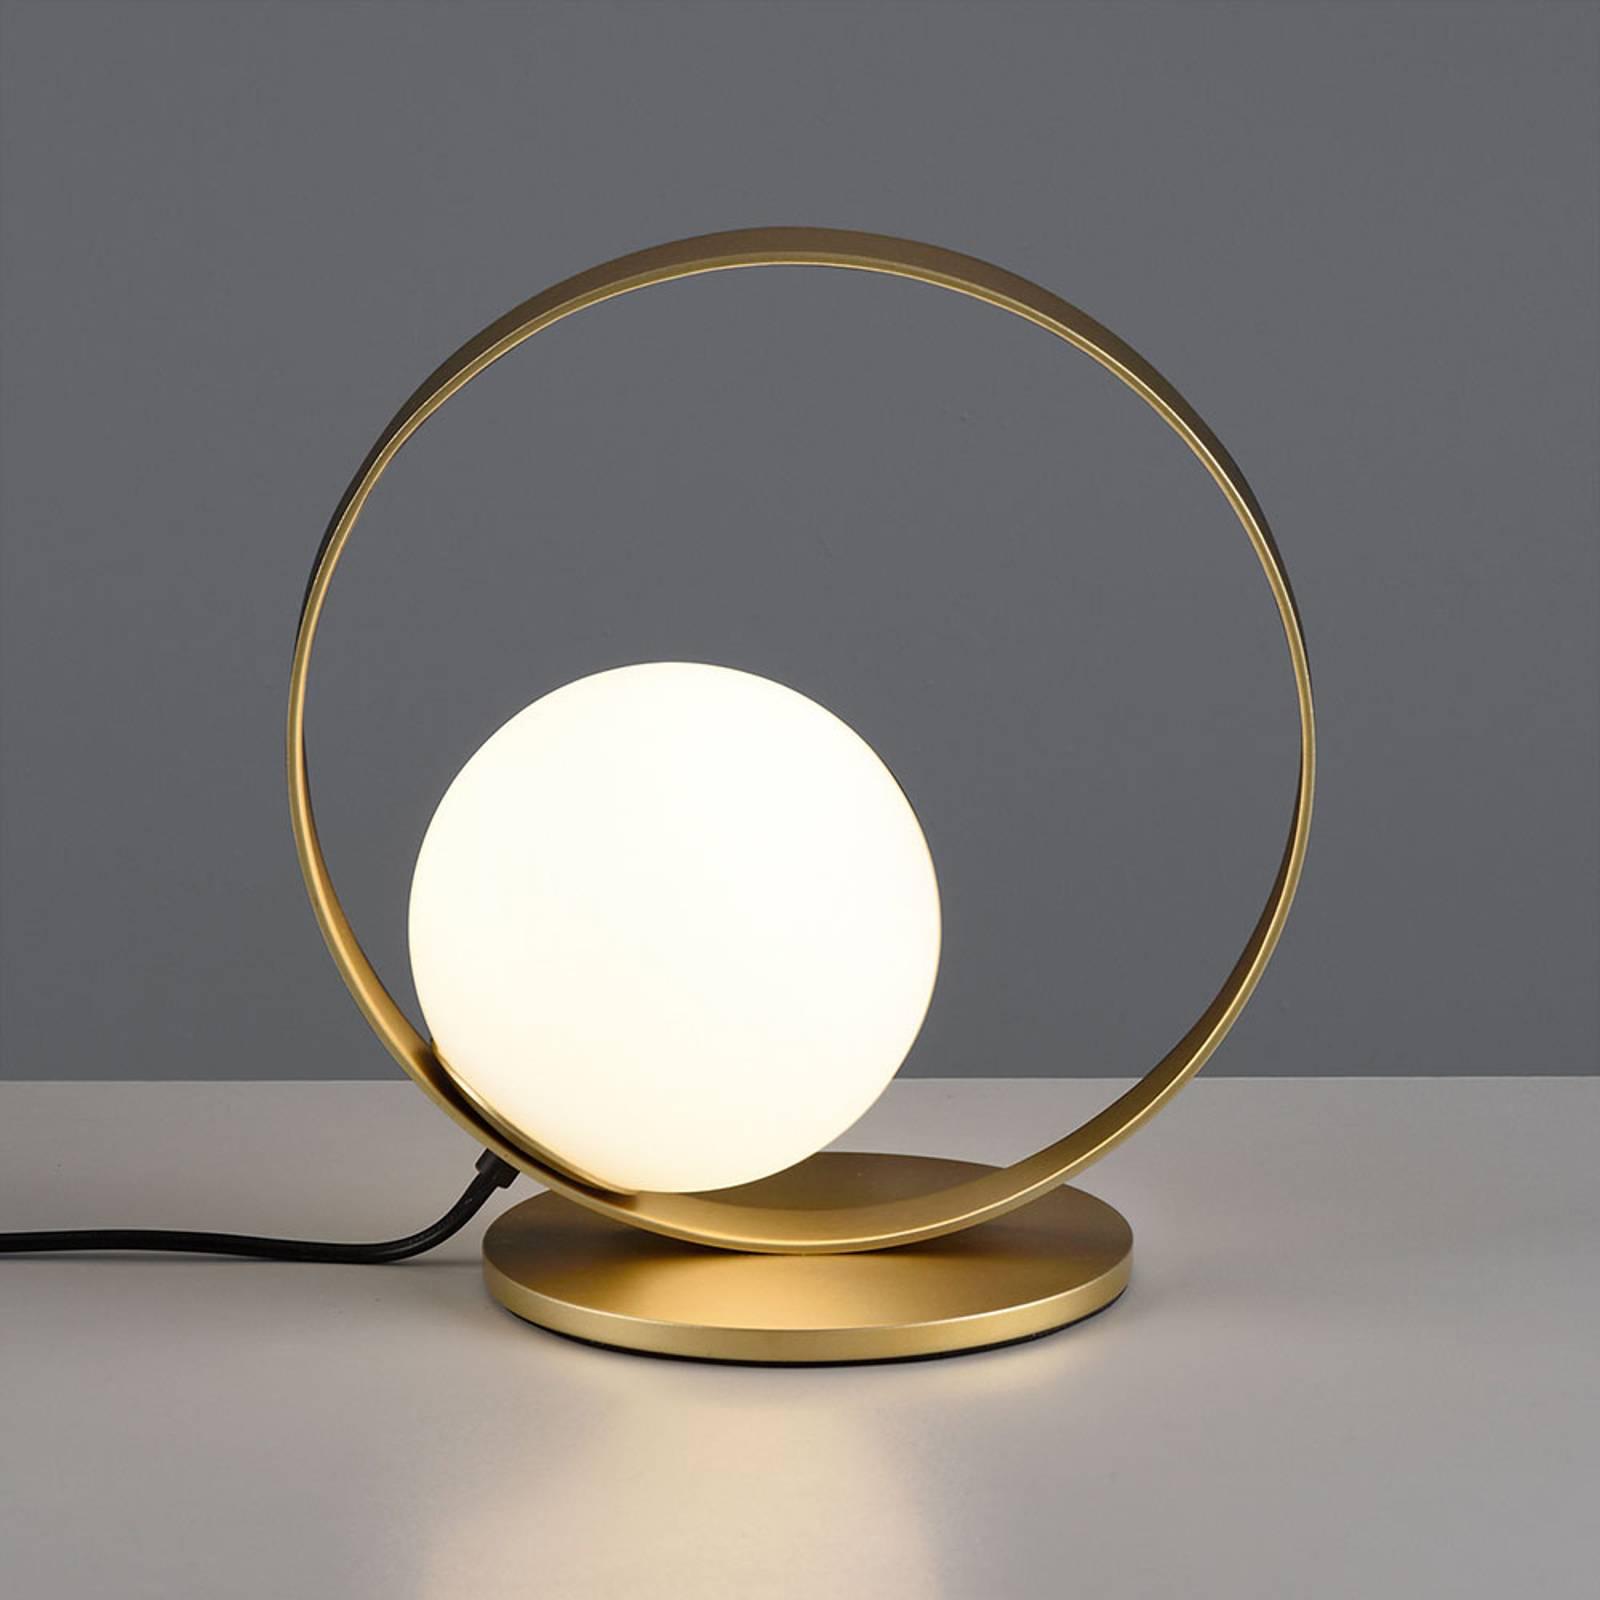 LED-pöytälamppu Halo, kulta/opaali